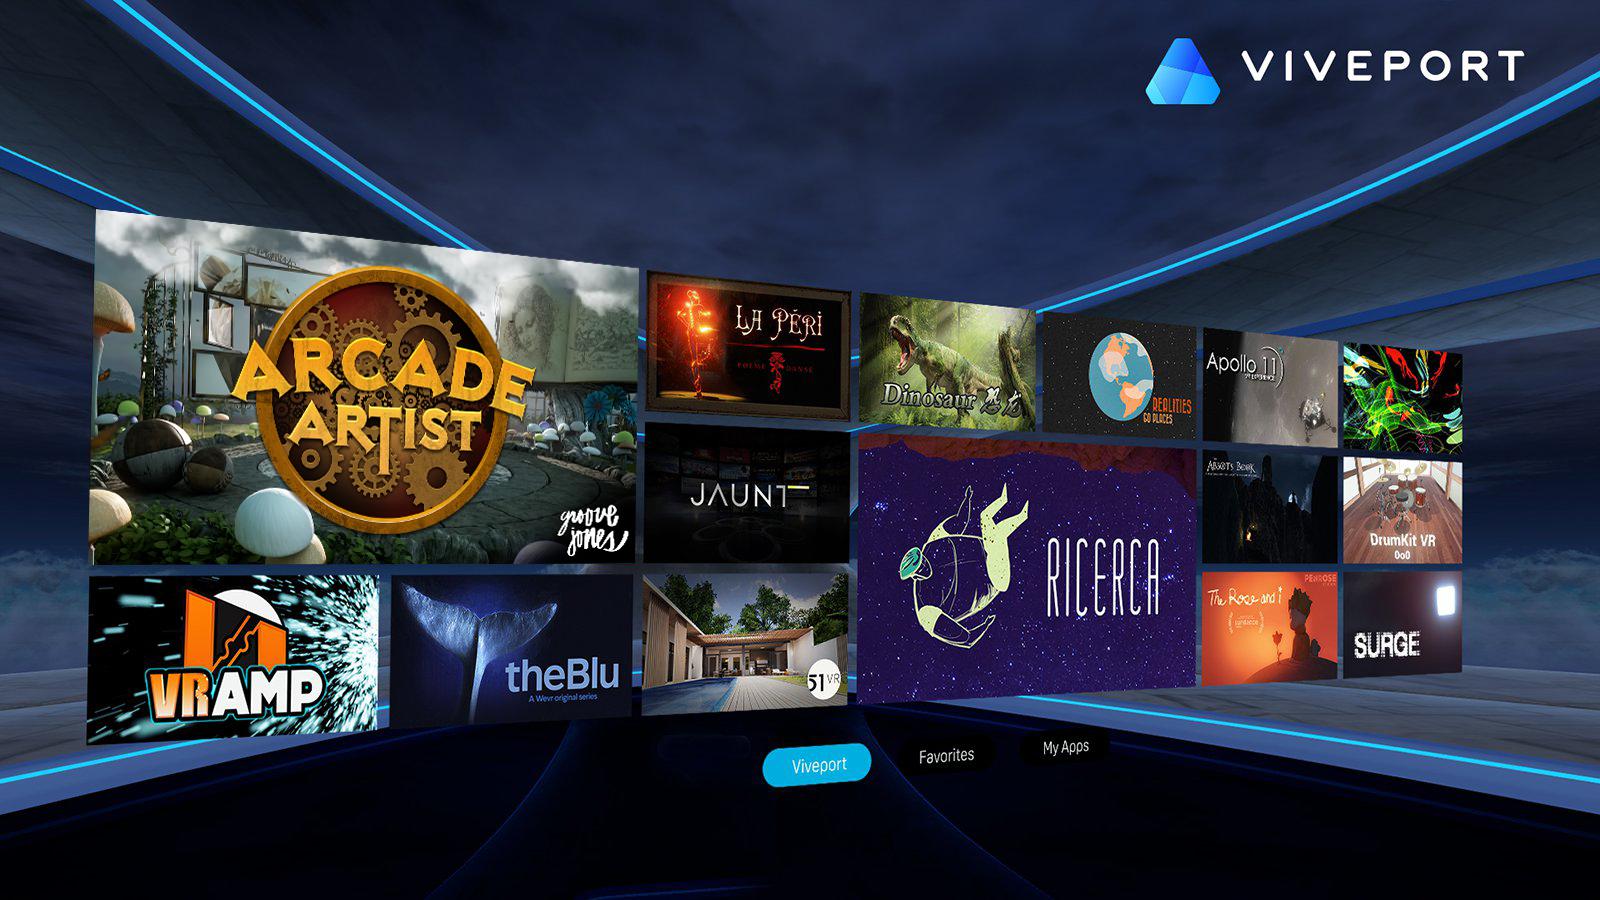 HTC Viveport featuring Arcade Artist